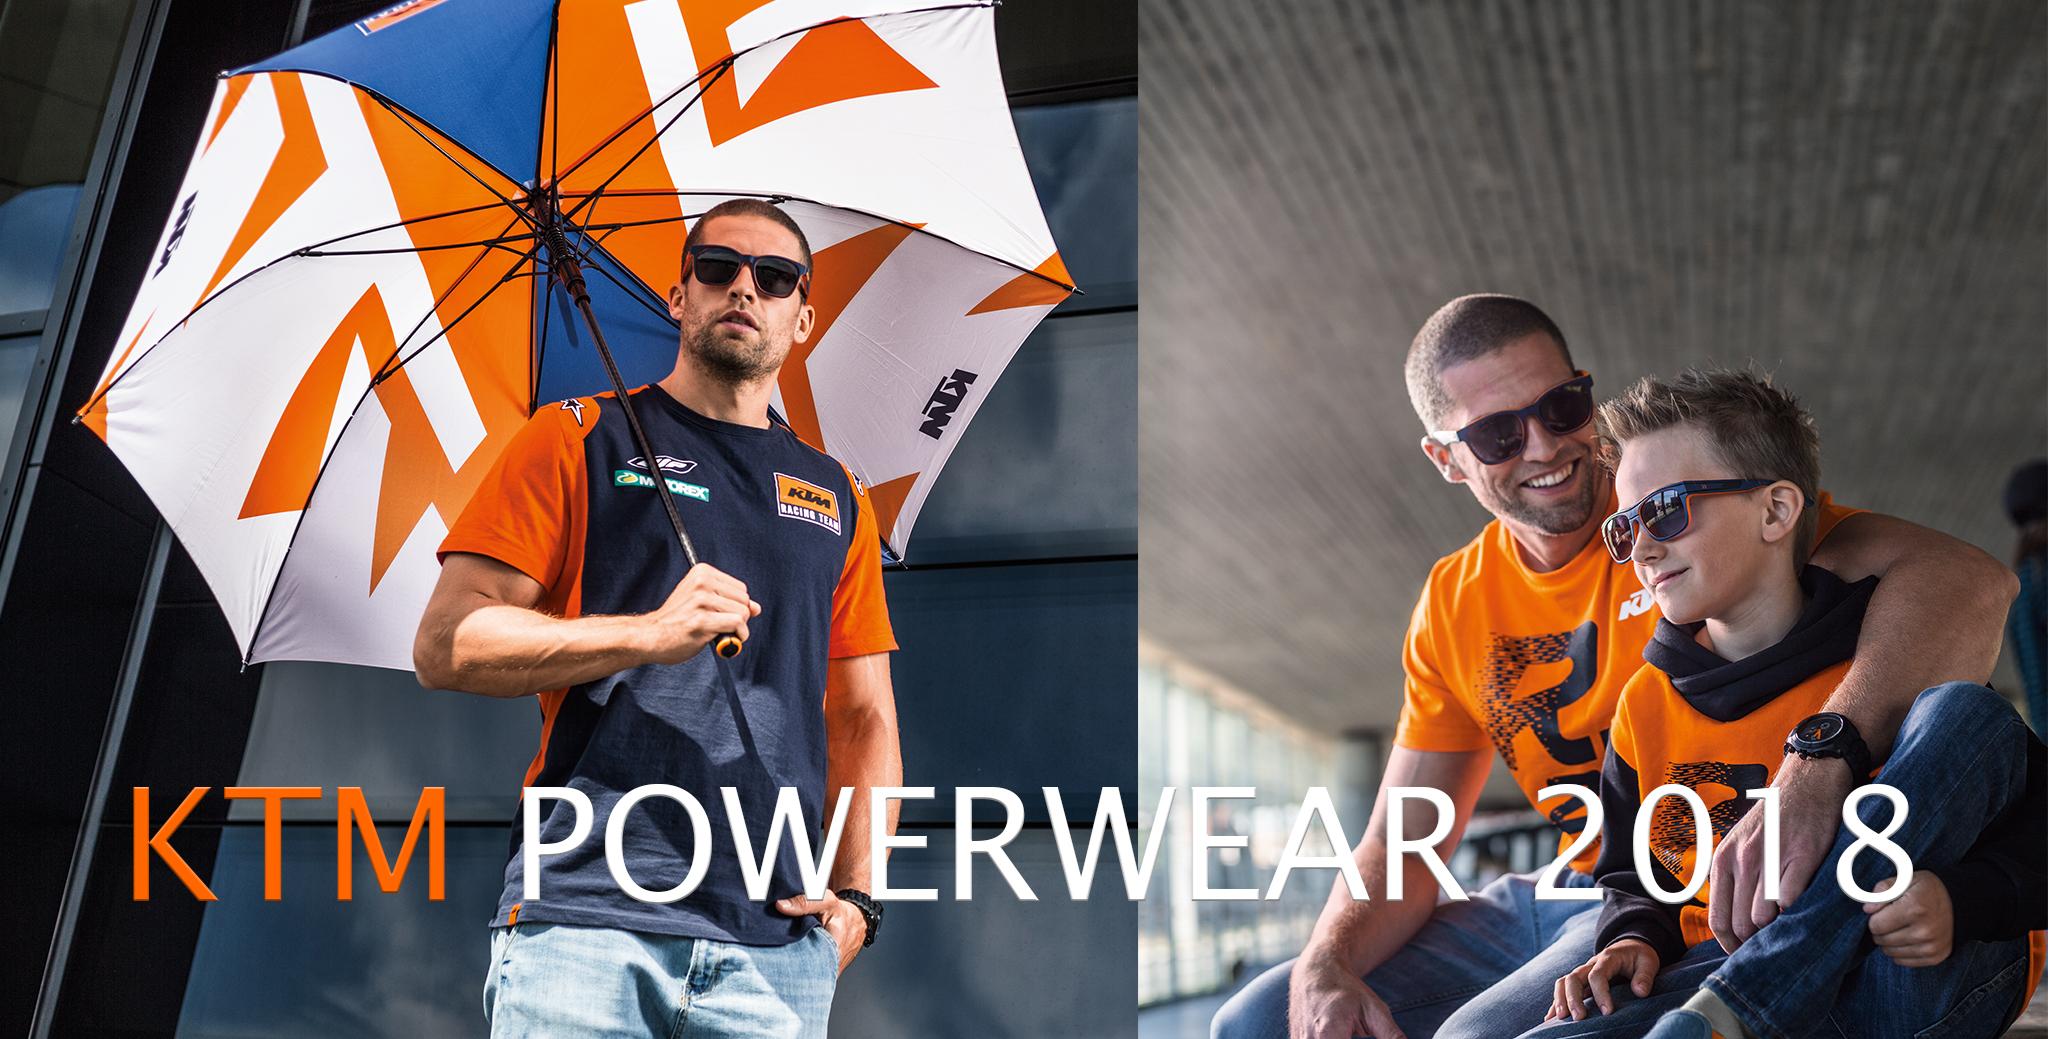 PowerWear